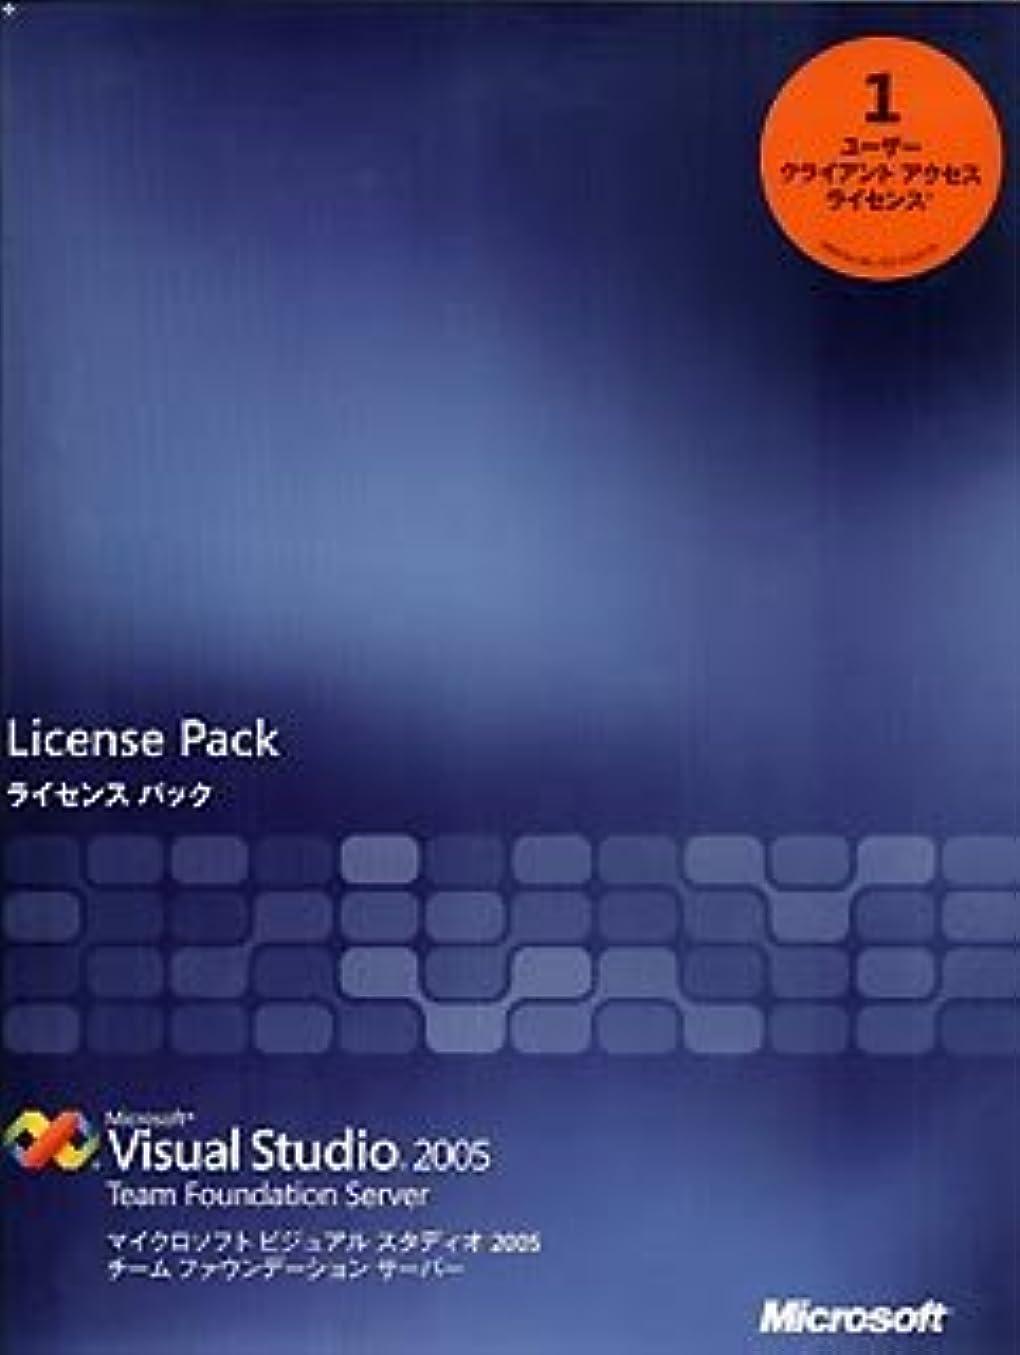 アラビア語枯渇議論するMicrosoft Visual Studio 2005 Team Foundation Server 日本語版 1ユーザー クライアント アクセス ライセンス